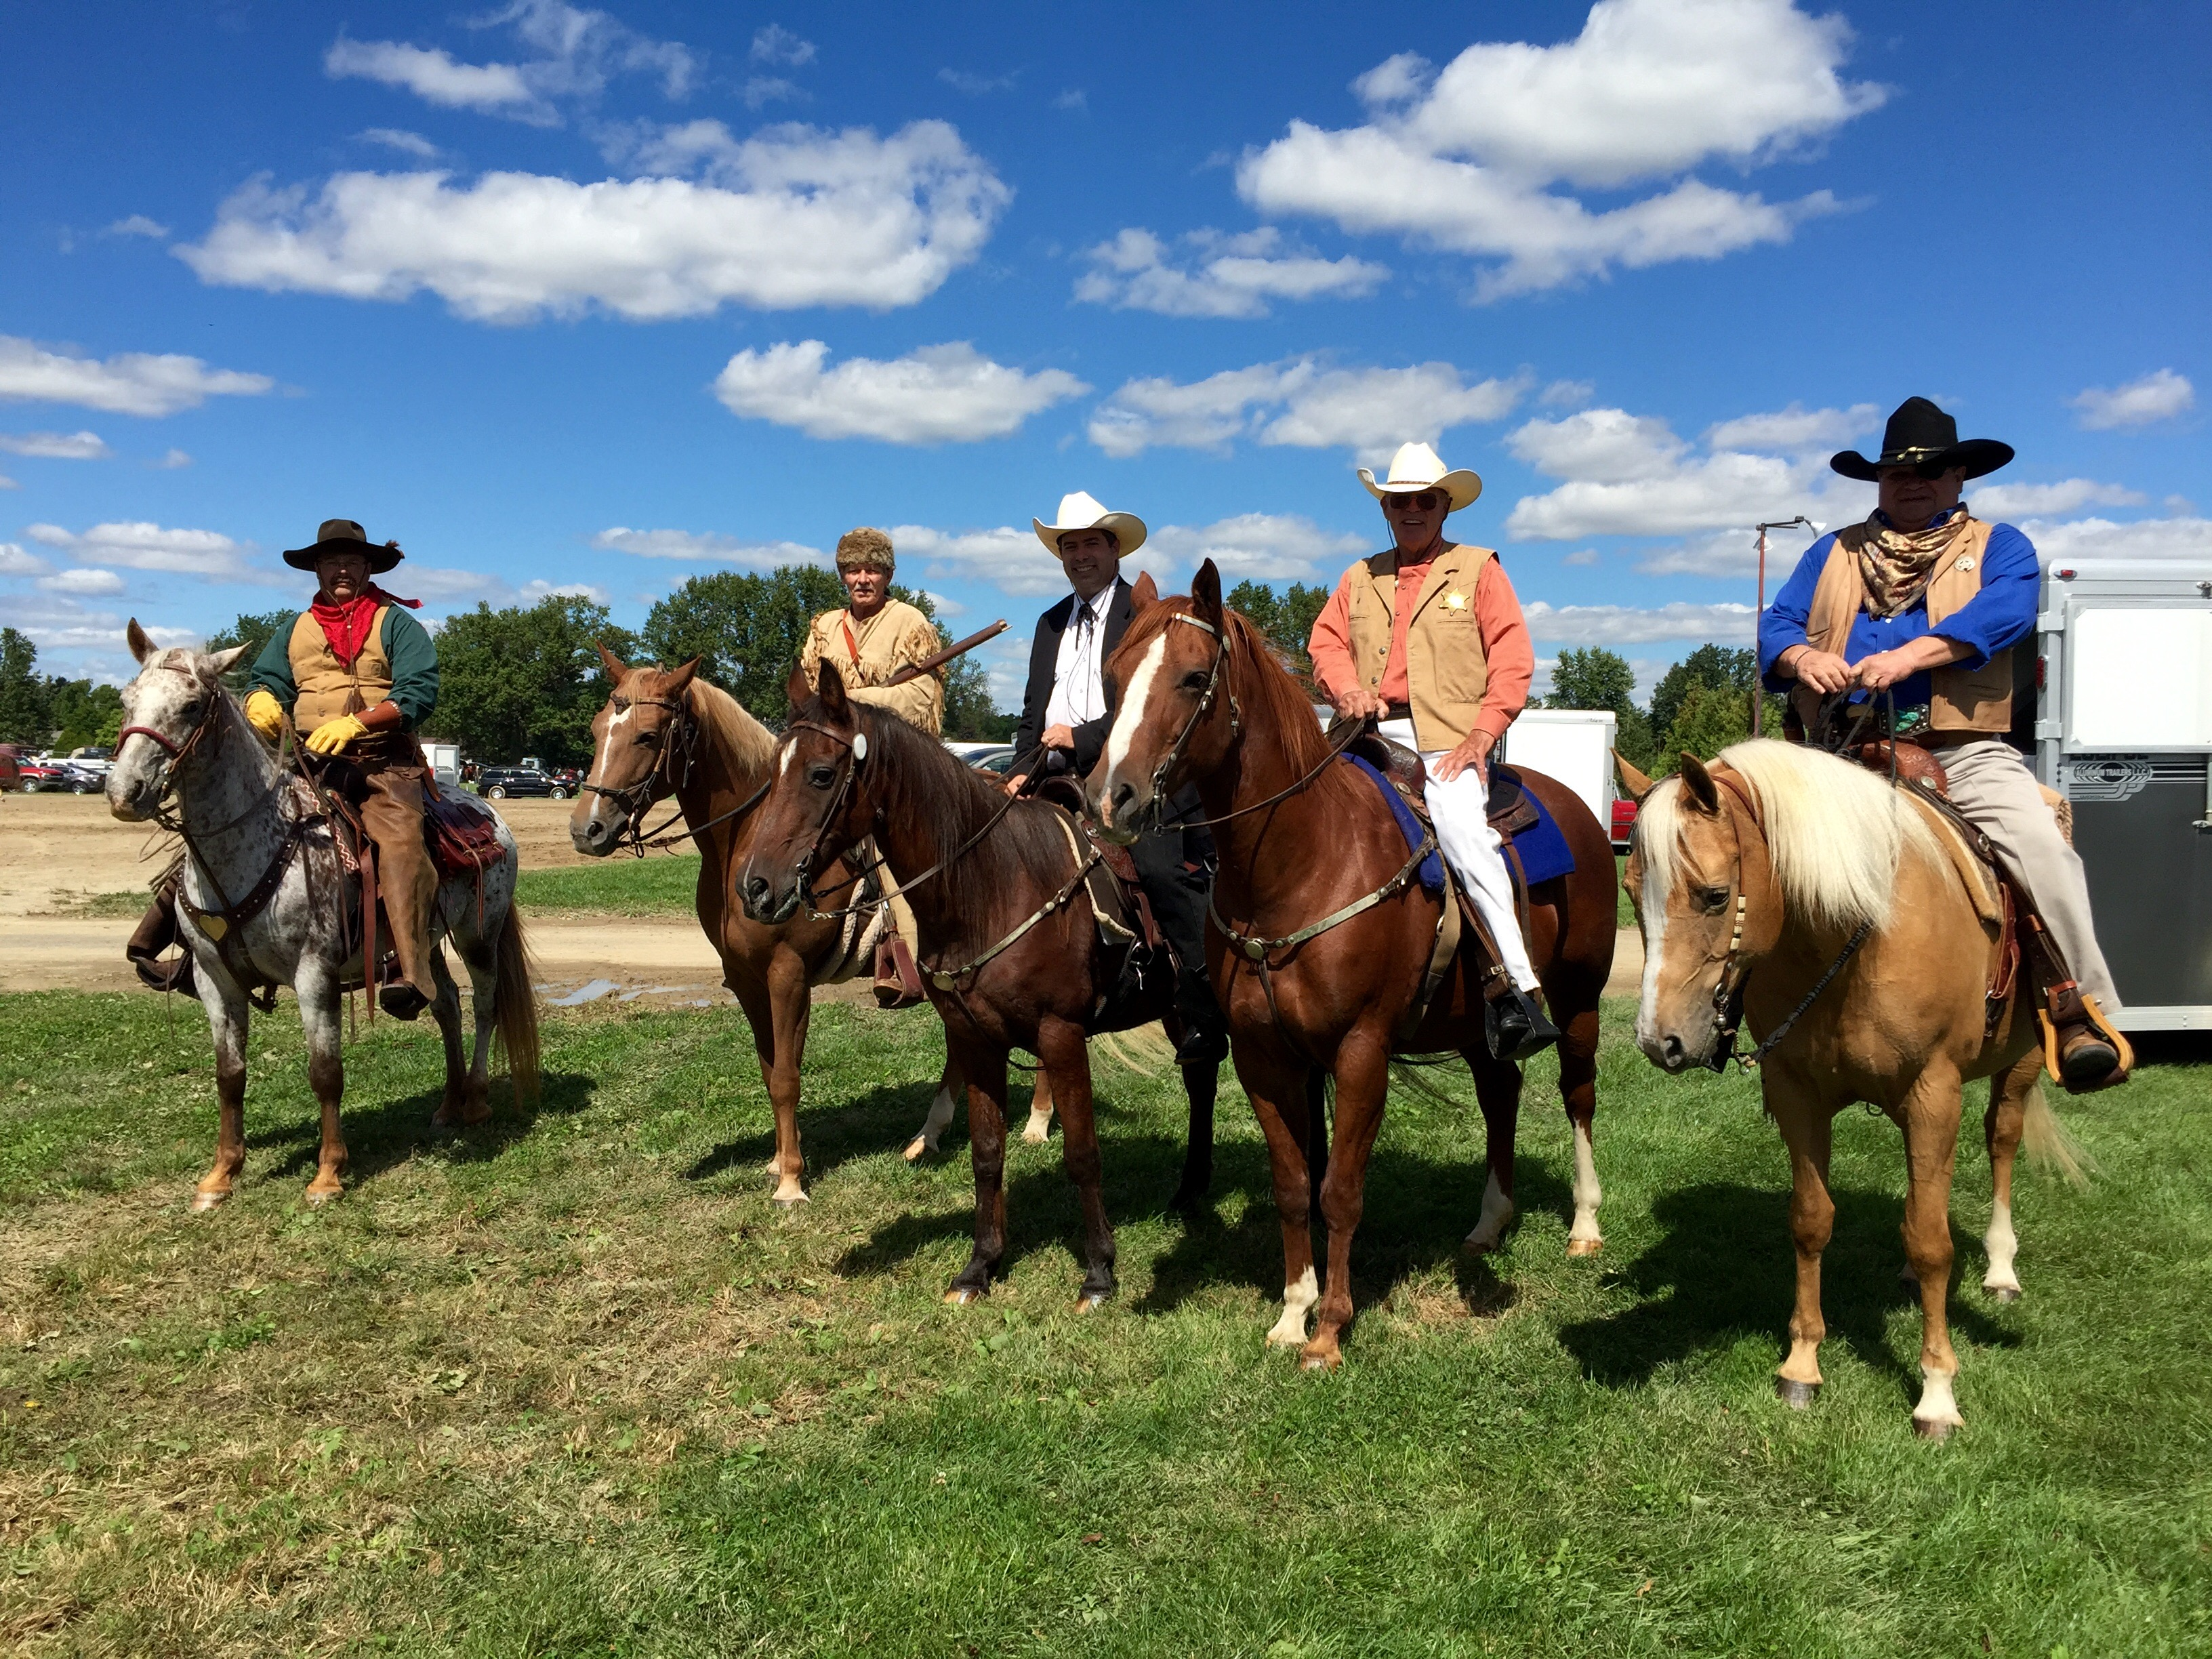 Legends Posse-Pecos Bill, Davy Crockett, Lone Ranger, Matt Dillon and Rooster